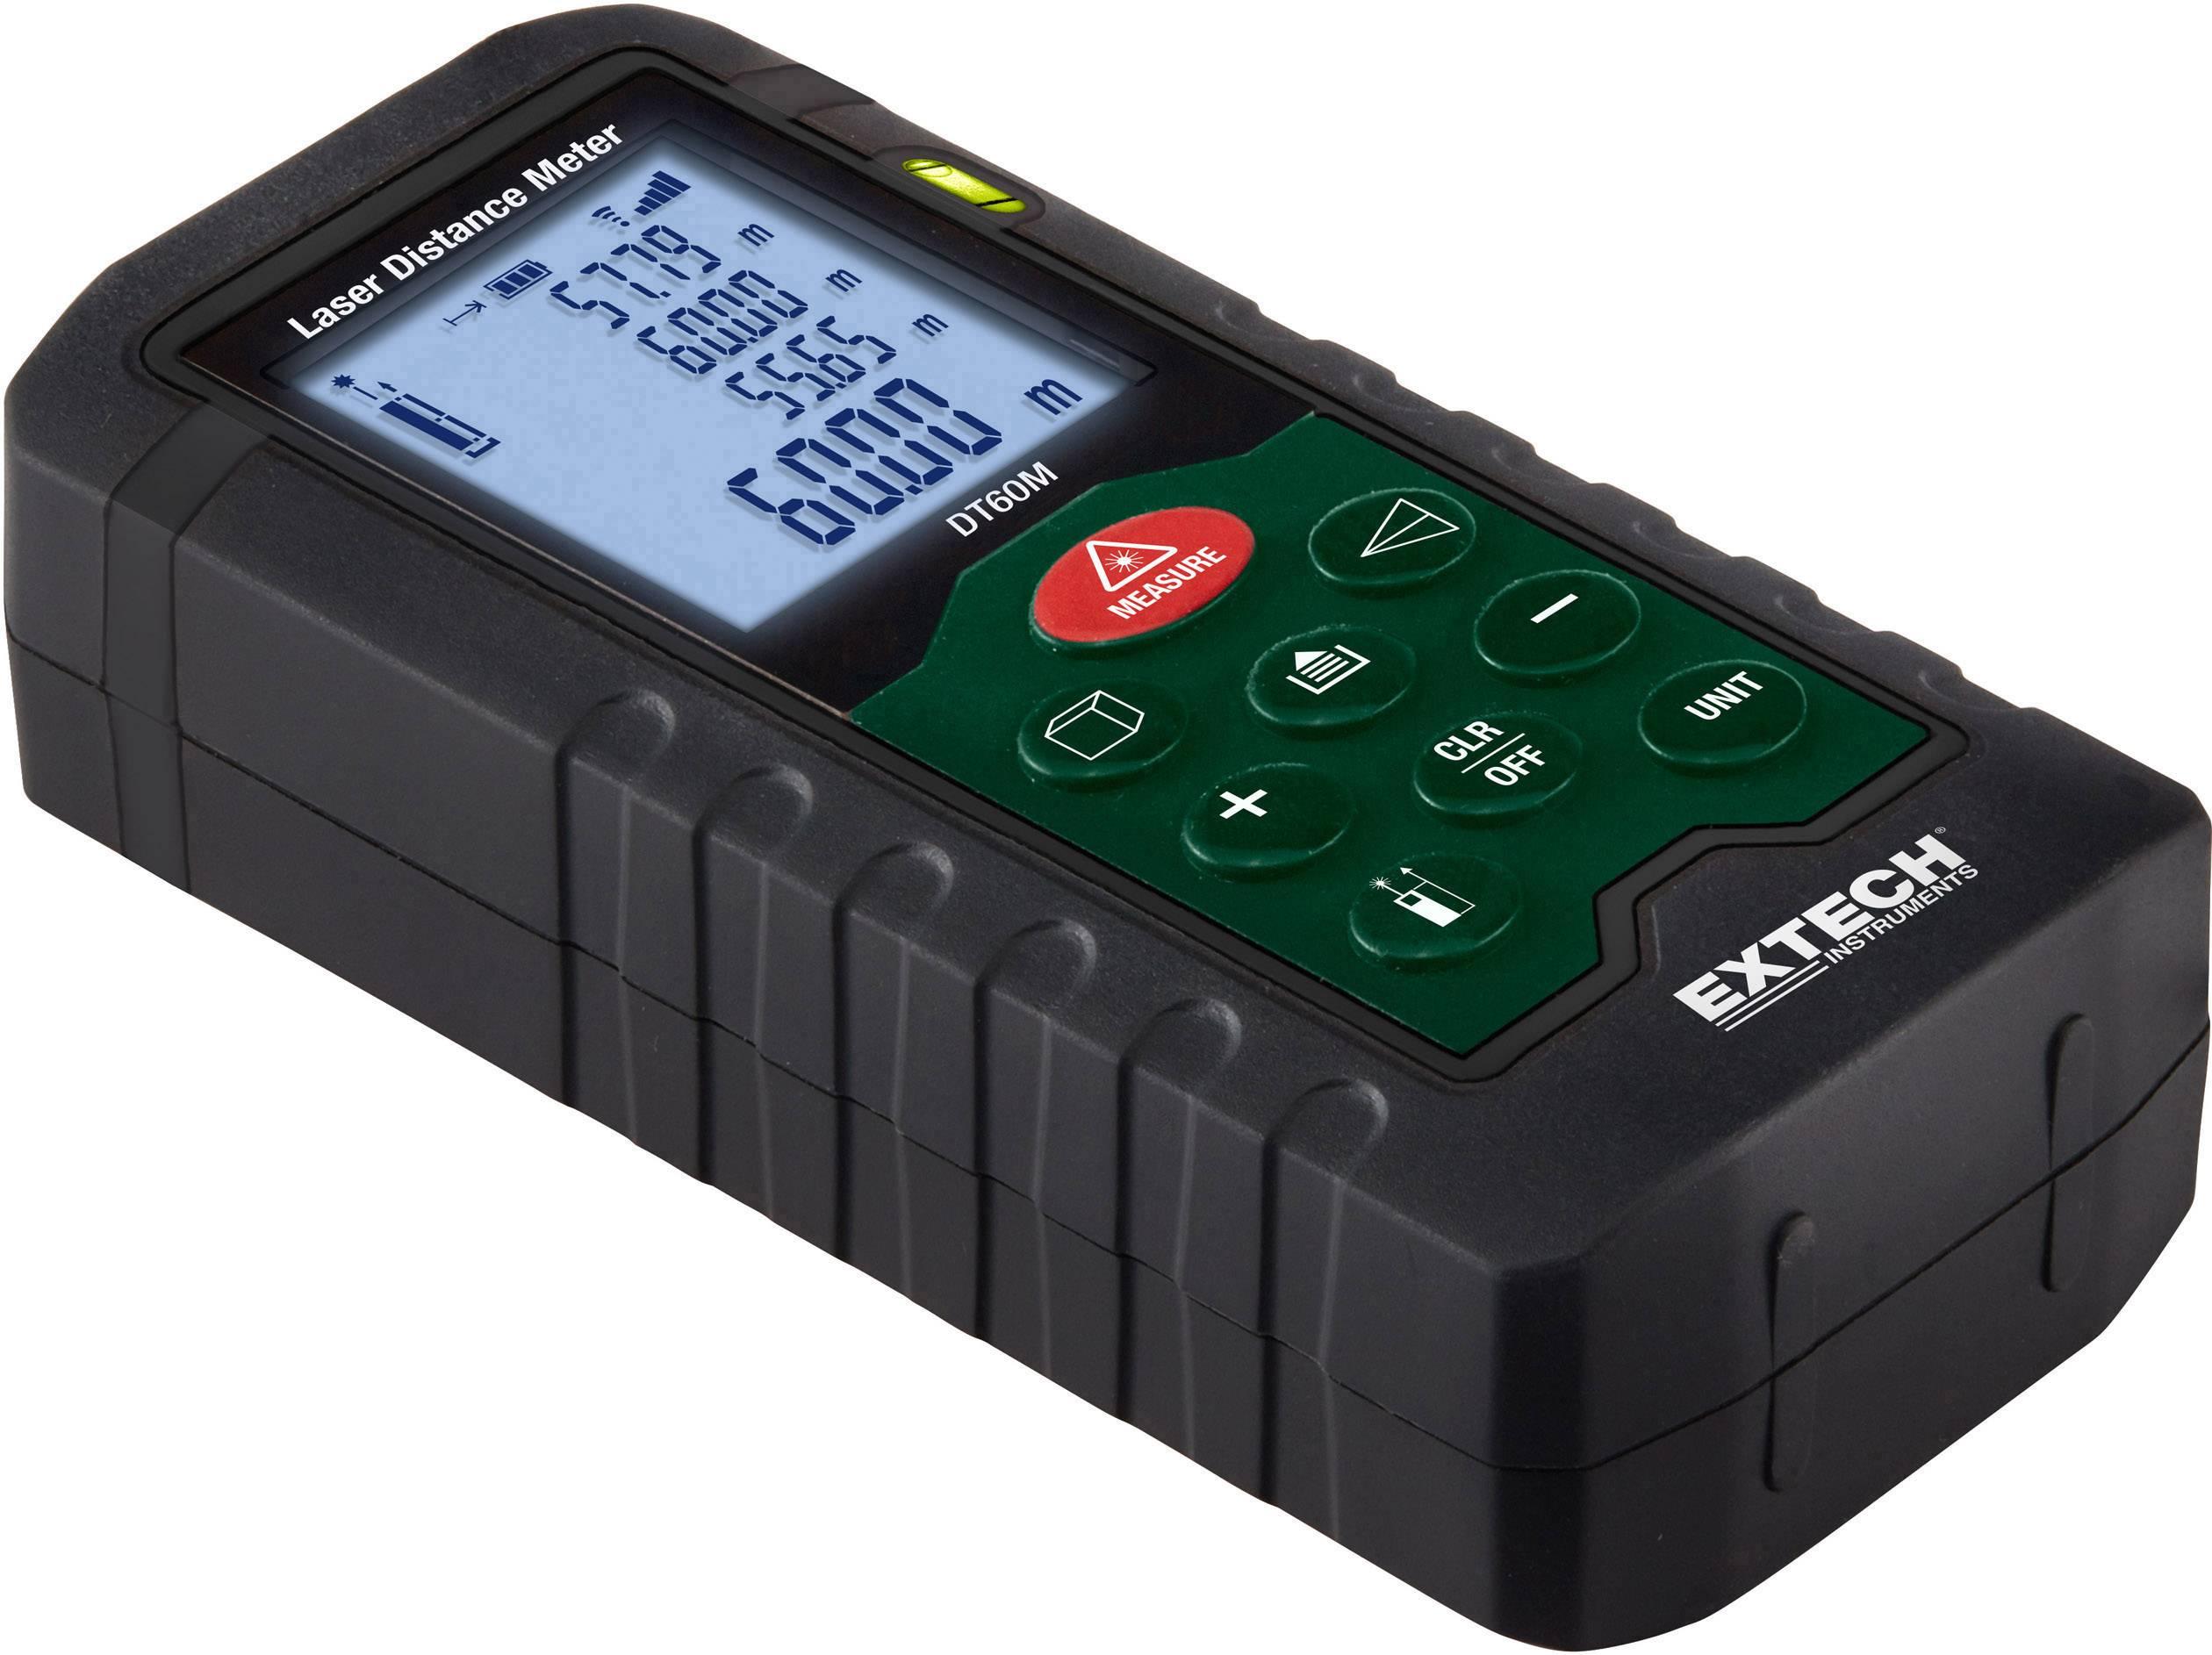 Ultraschall entfernungsmesser genauigkeit: ultraschall roulette